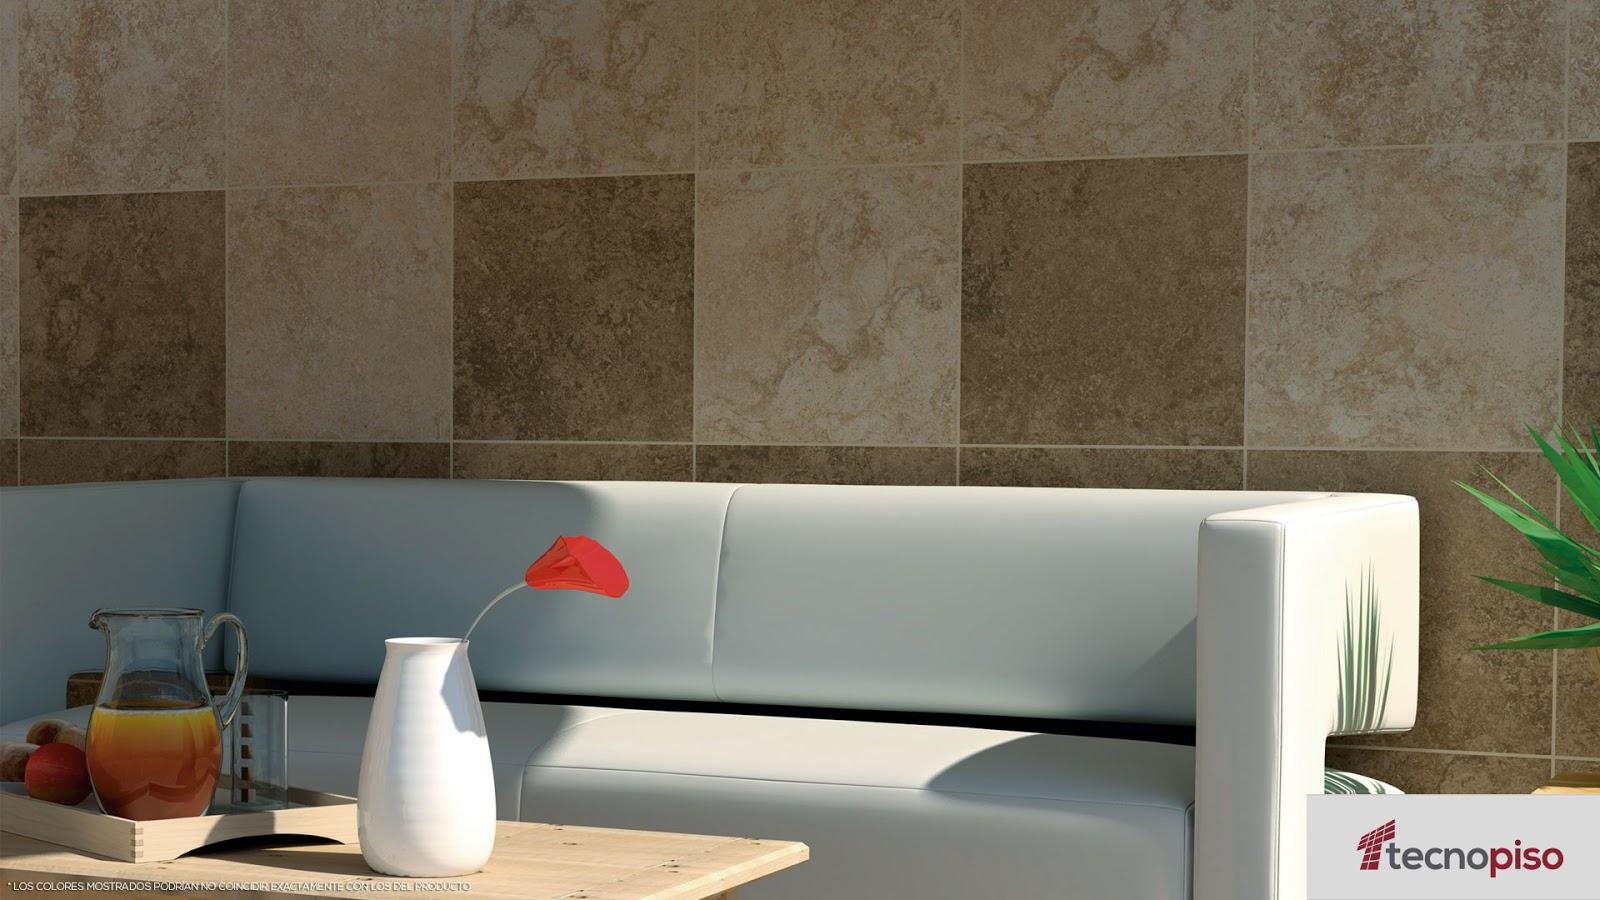 Pisos y azulejos para decorar tu casa for Casa de azulejos cordoba